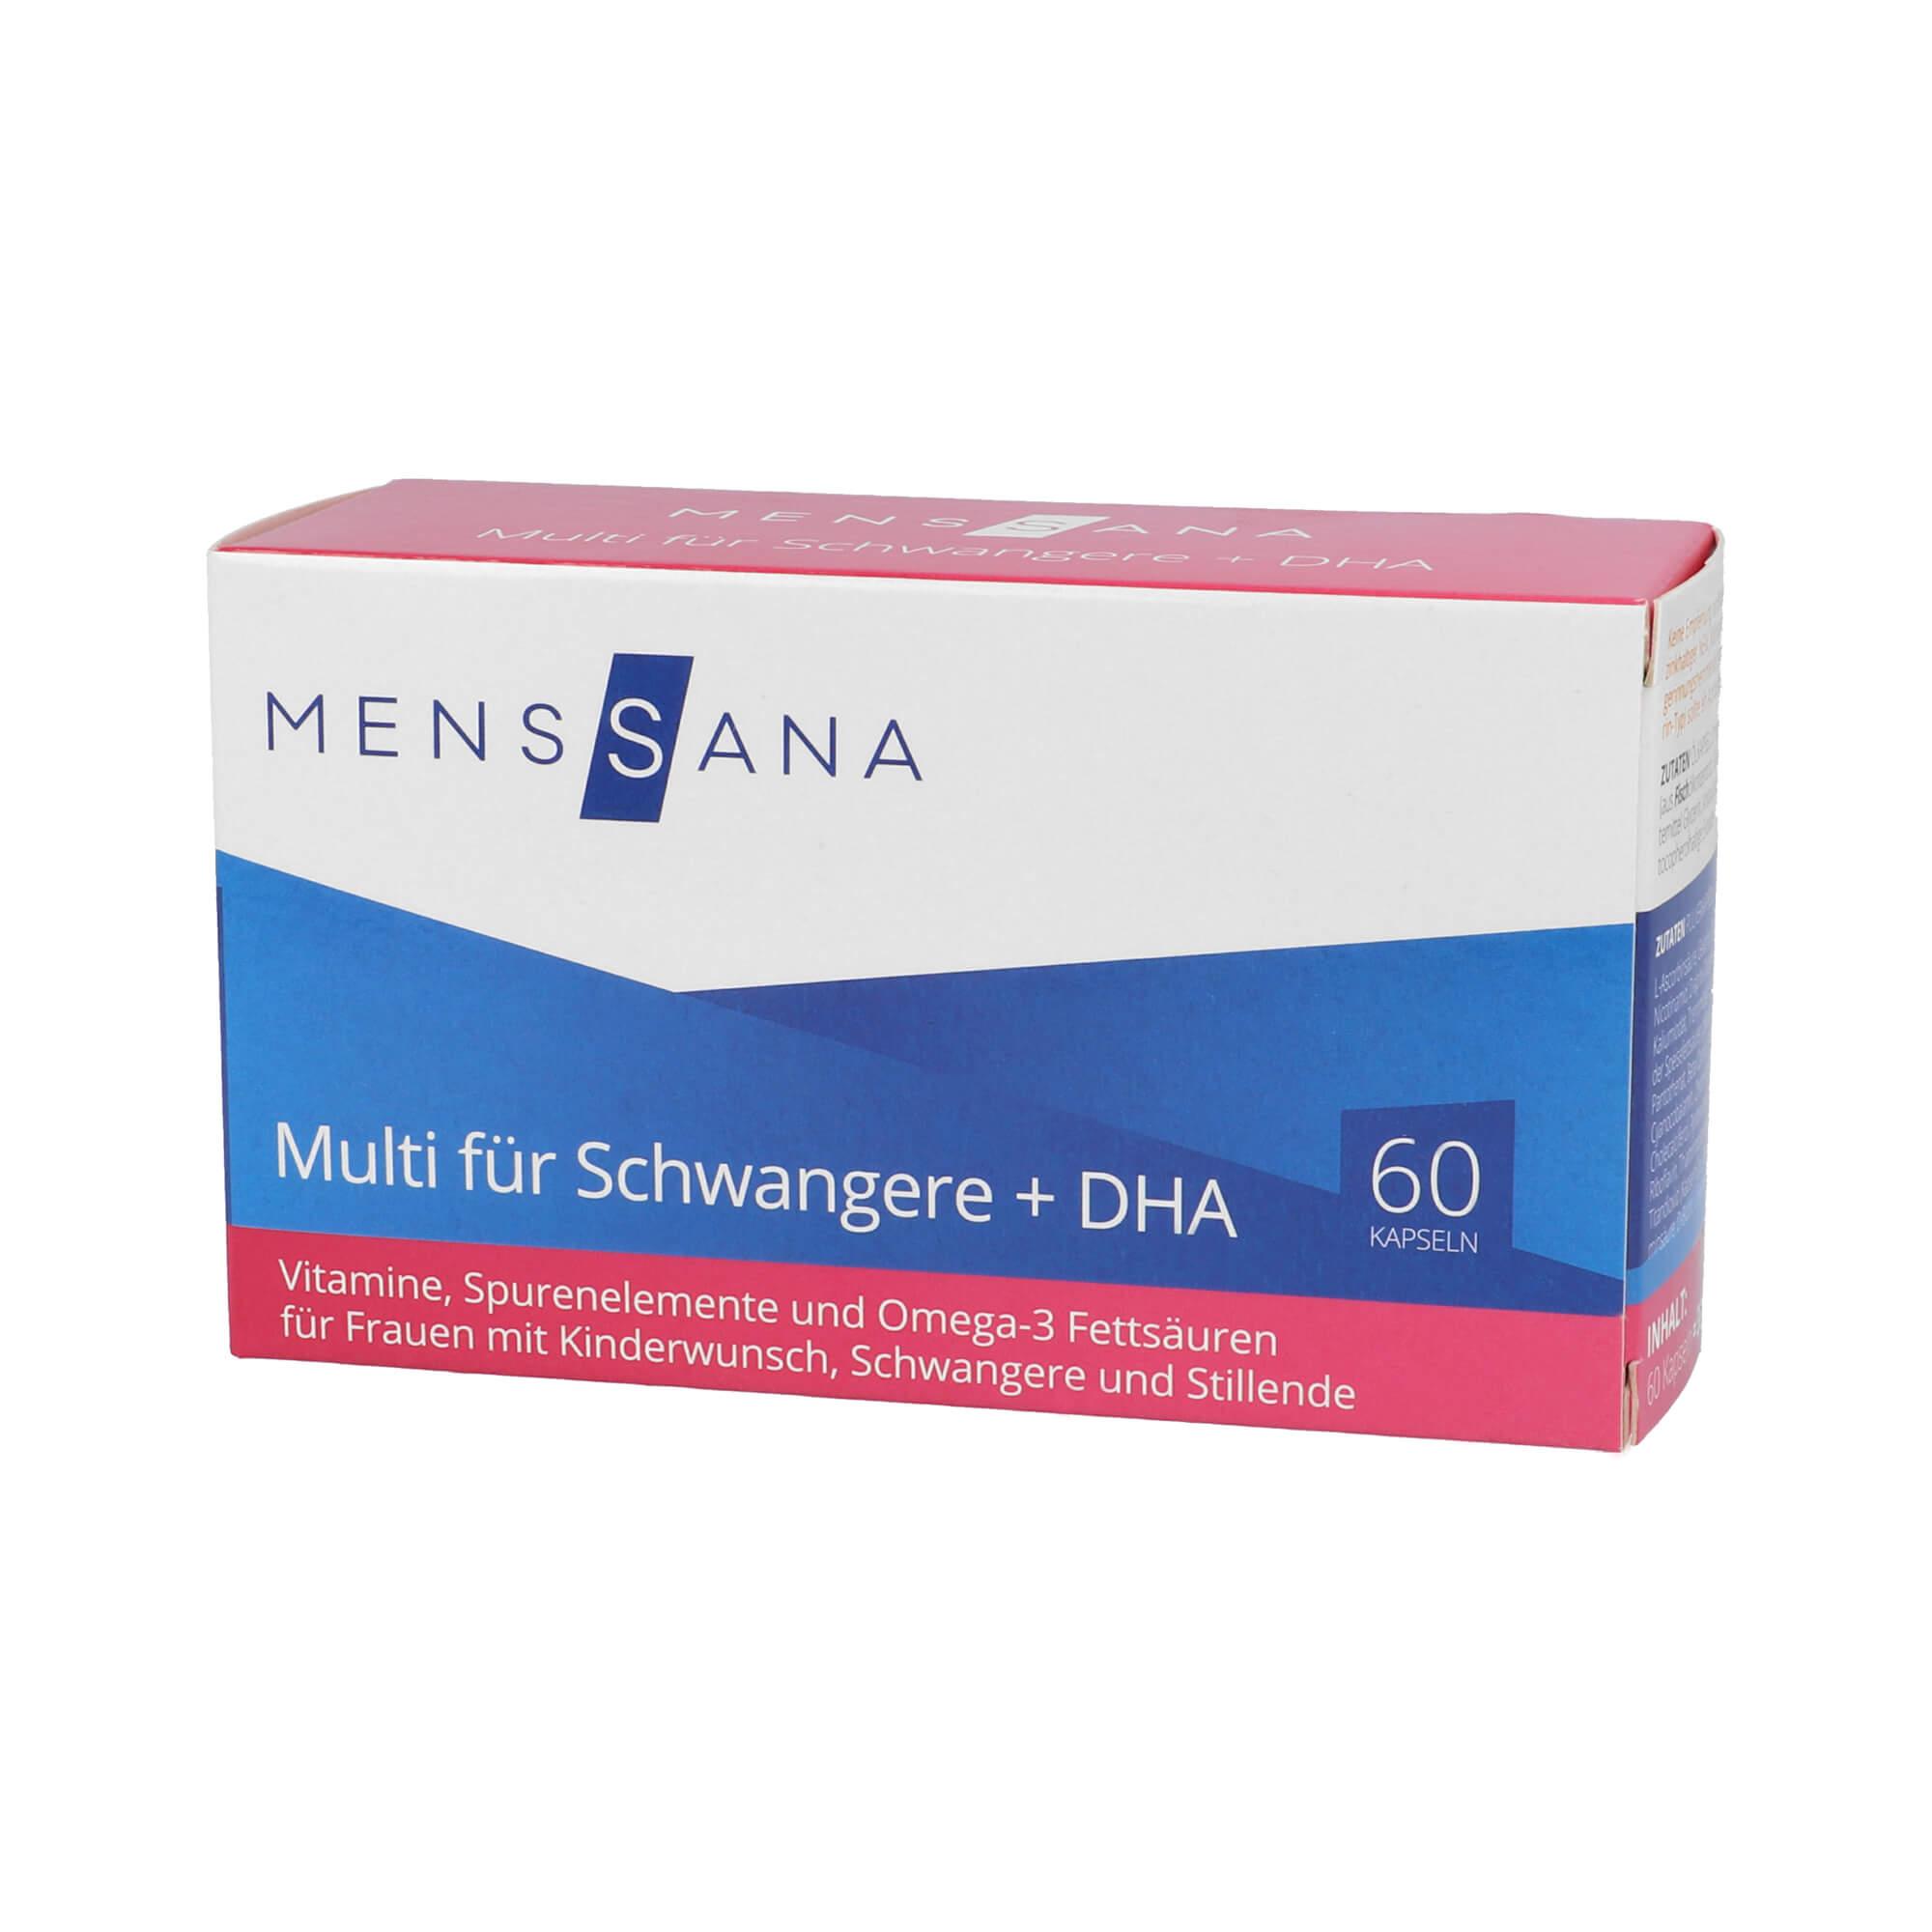 Multi für Schwangere + DHA MensSana